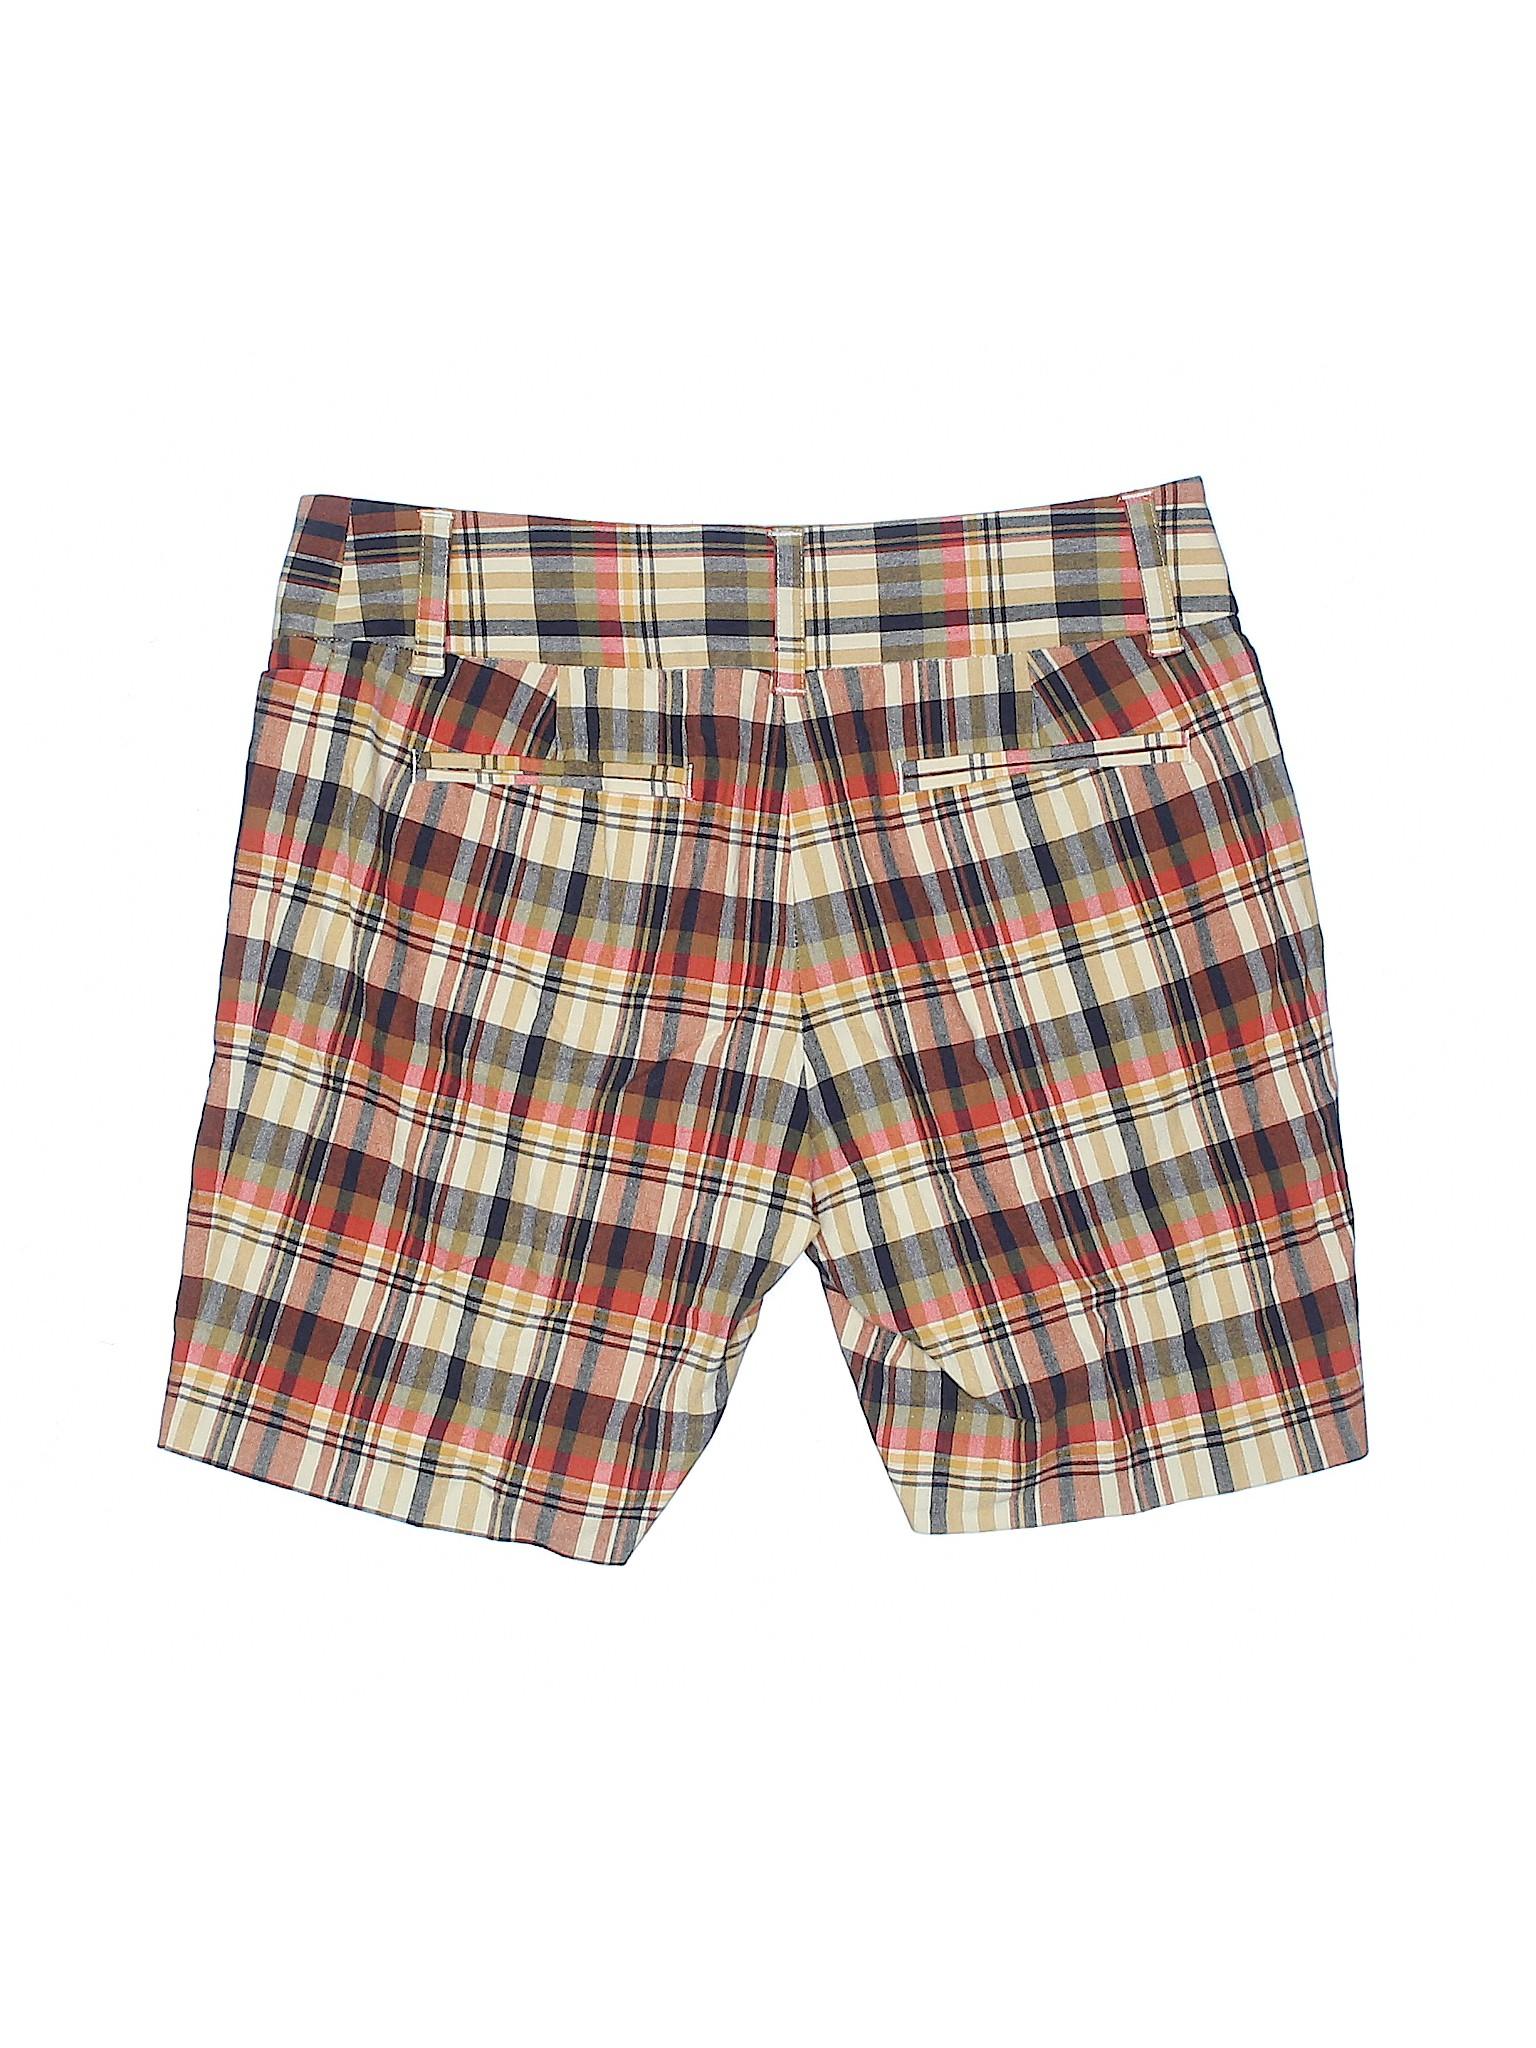 Boutique Harold's Boutique Harold's Shorts fwqTwpY